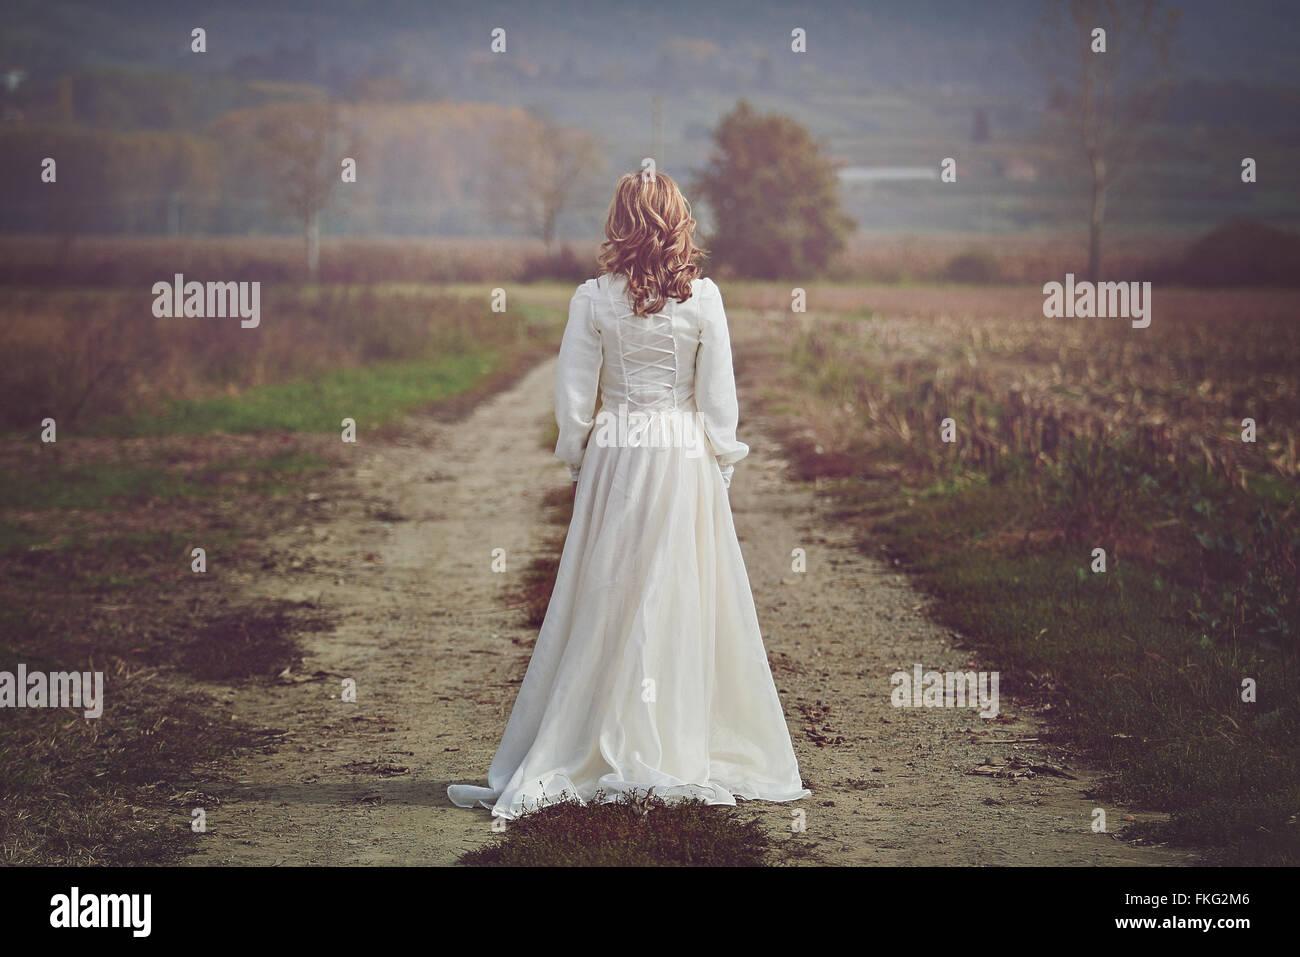 Braut mit schönen Kleid im Land. Reinheit und Unschuld Stockbild